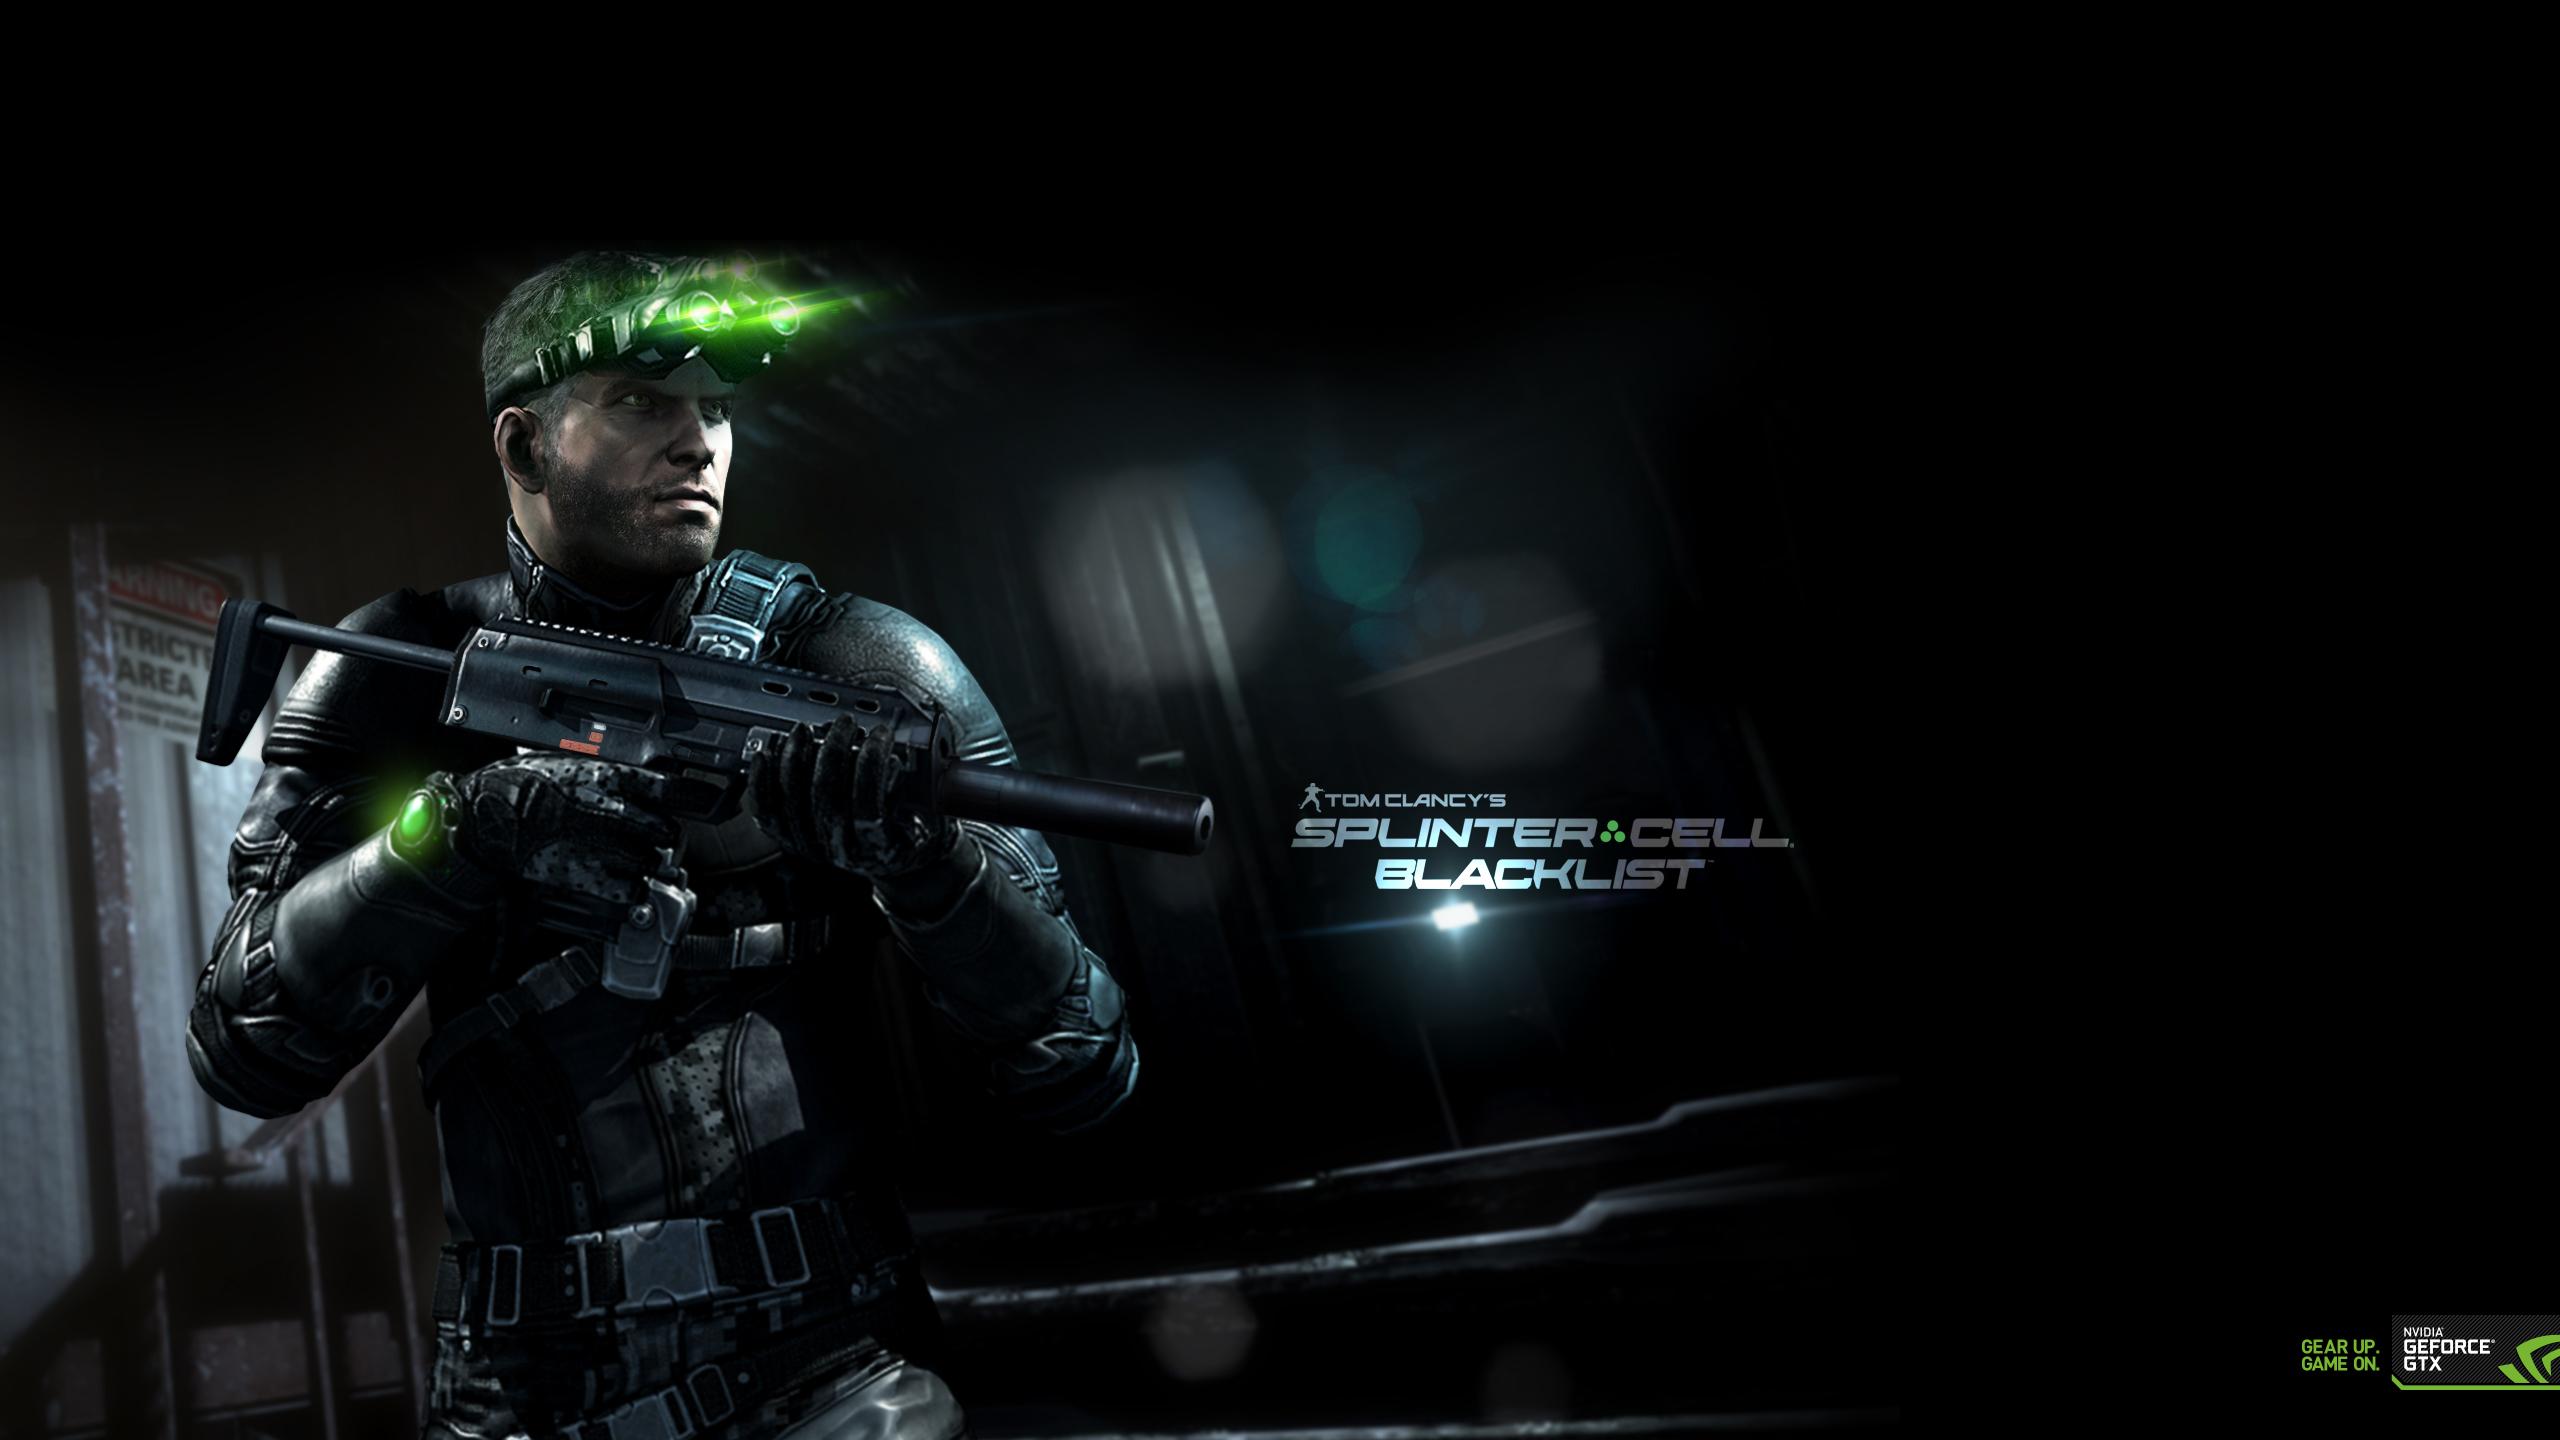 Tom Clancy's Splinter Cell: Blacklist Full HD Wallpaper ...